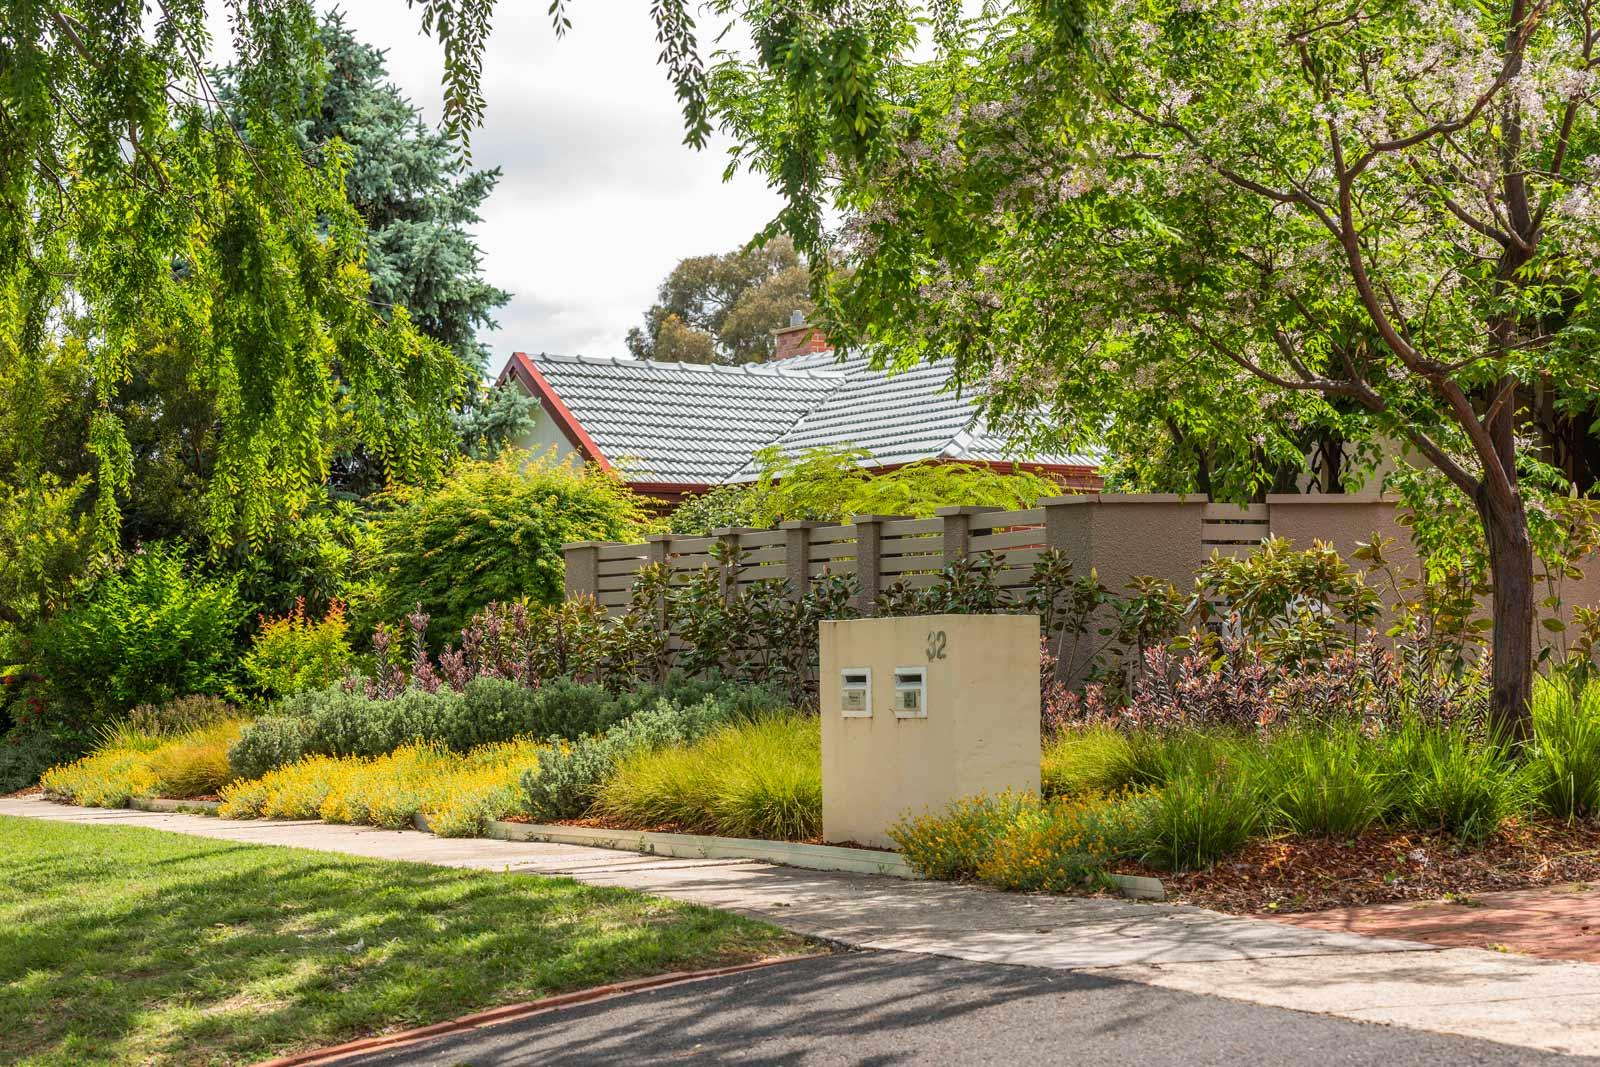 CanberraGardens_YARRALUMLA3.jpg